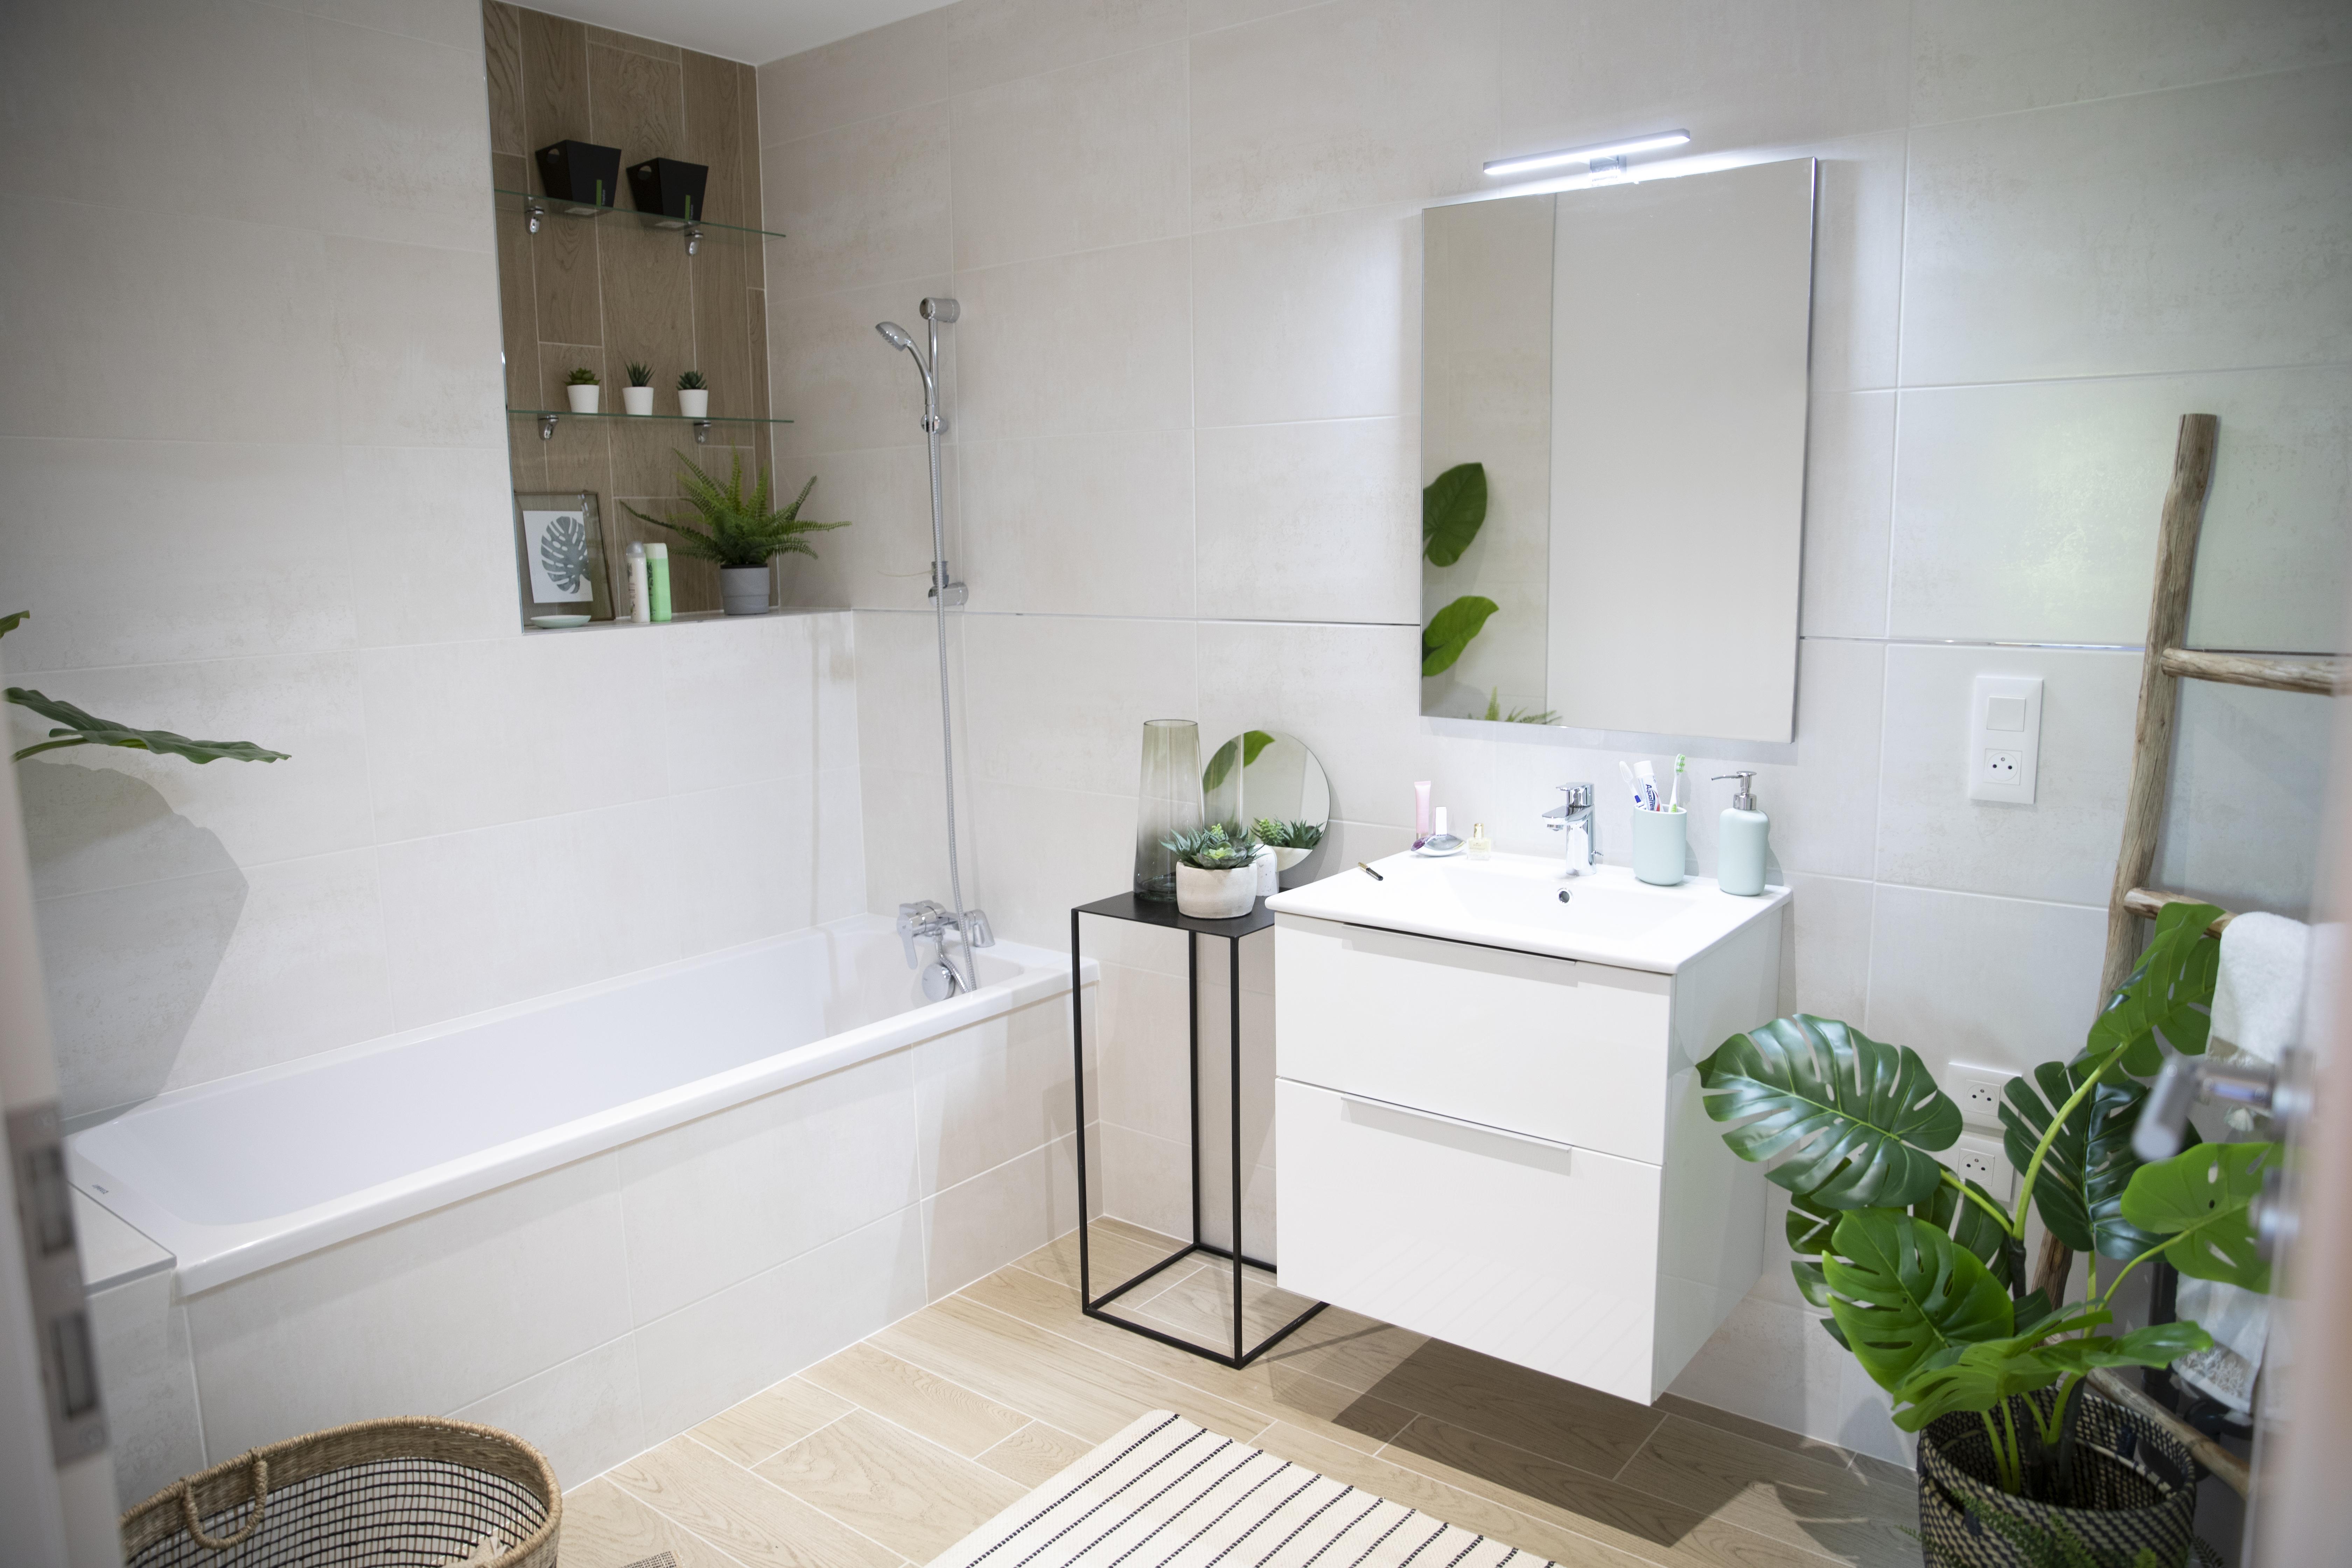 Aménagement salle de bain design : mes idées et conseils